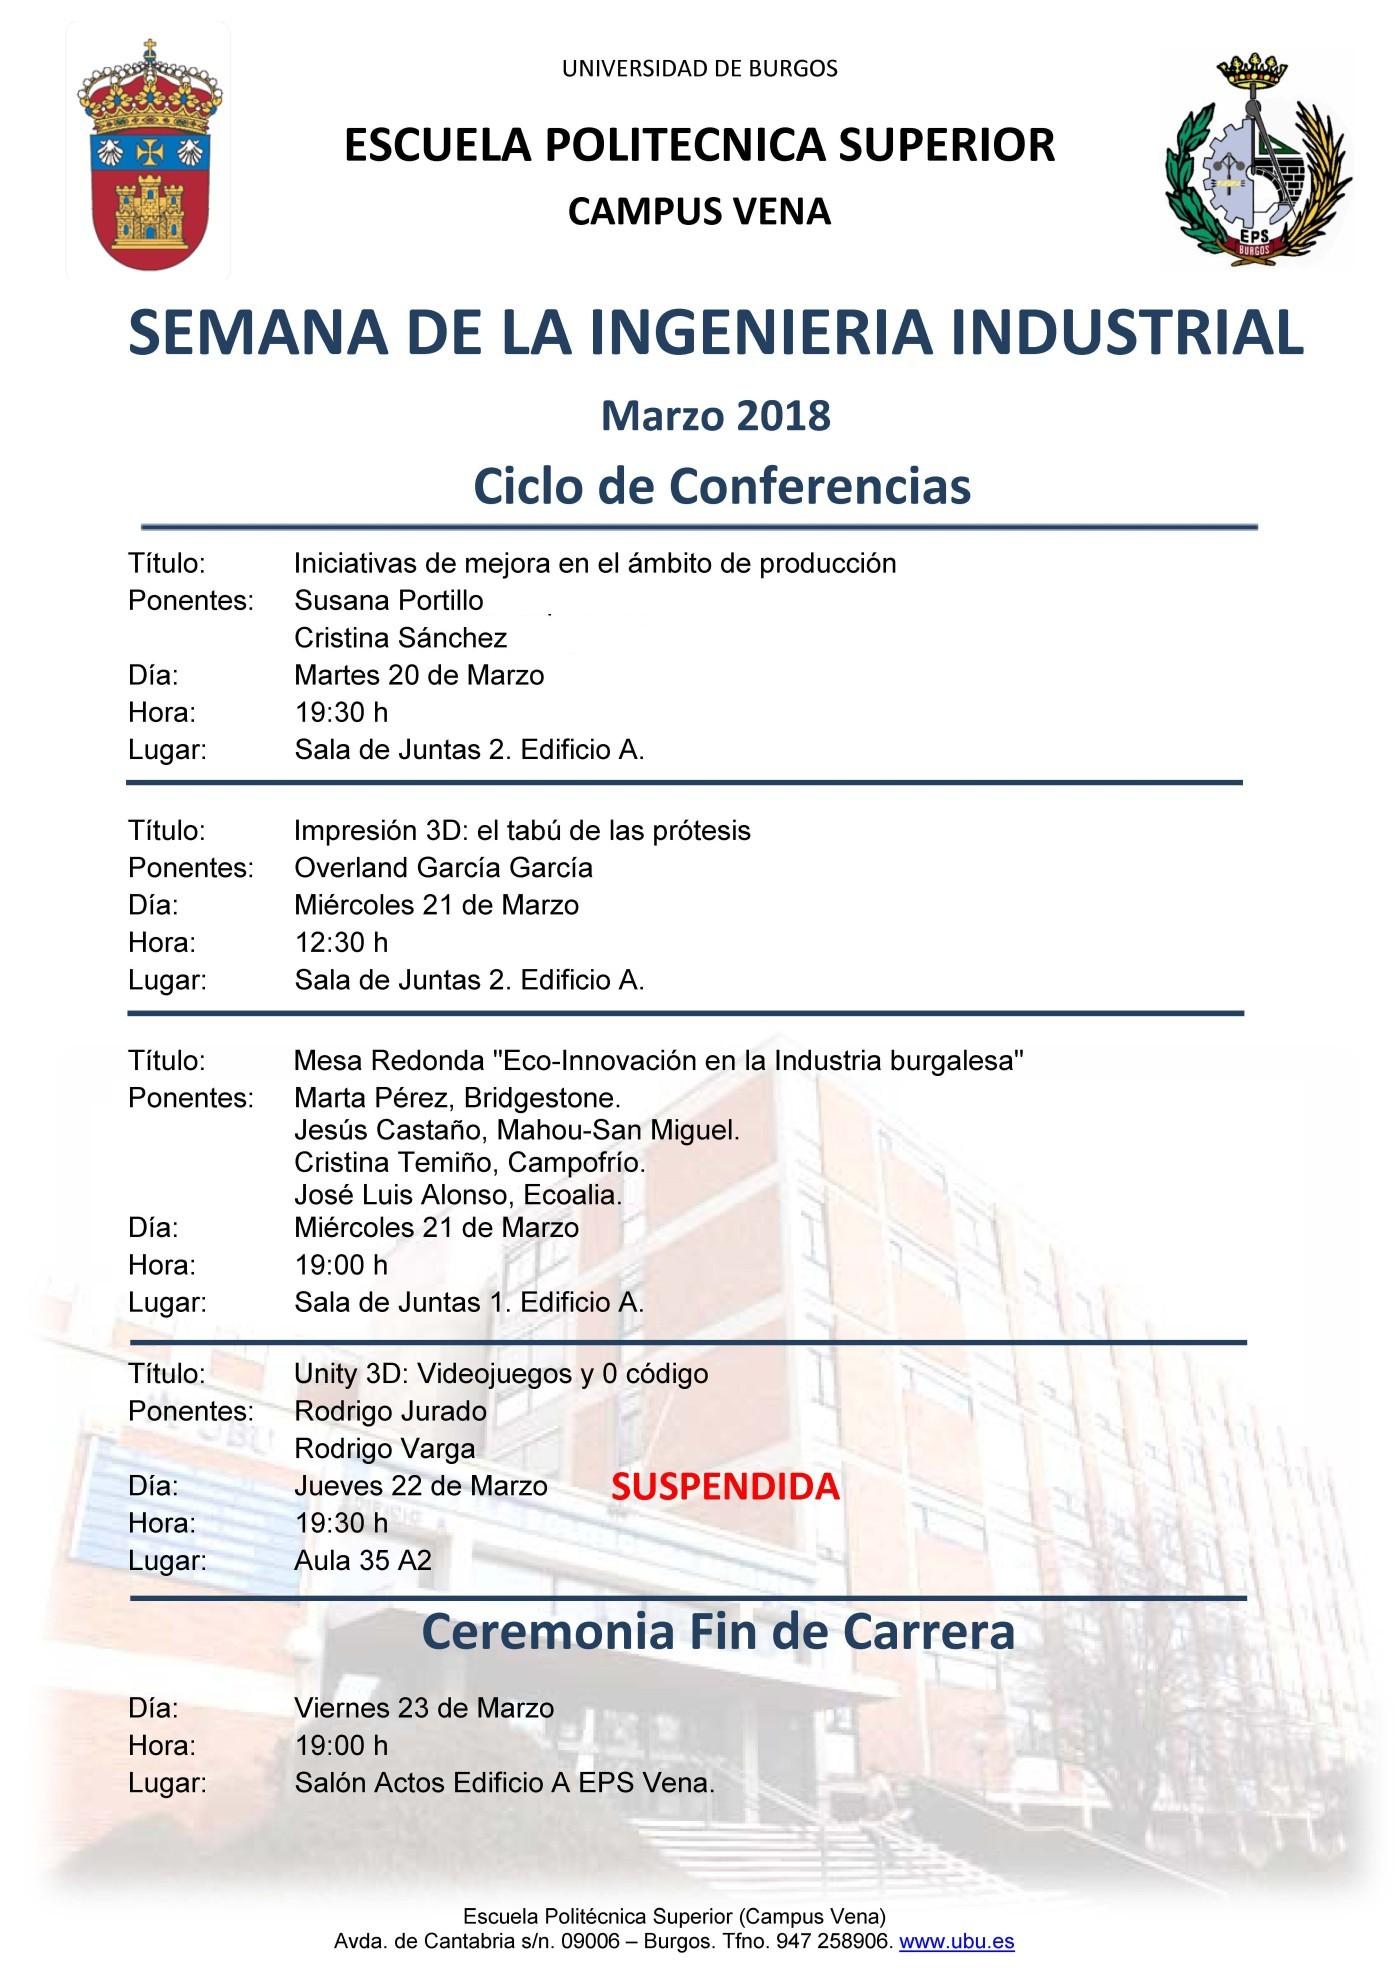 Semana de la Ingeniería Industrial. Marzo 2018   Universidad de Burgos